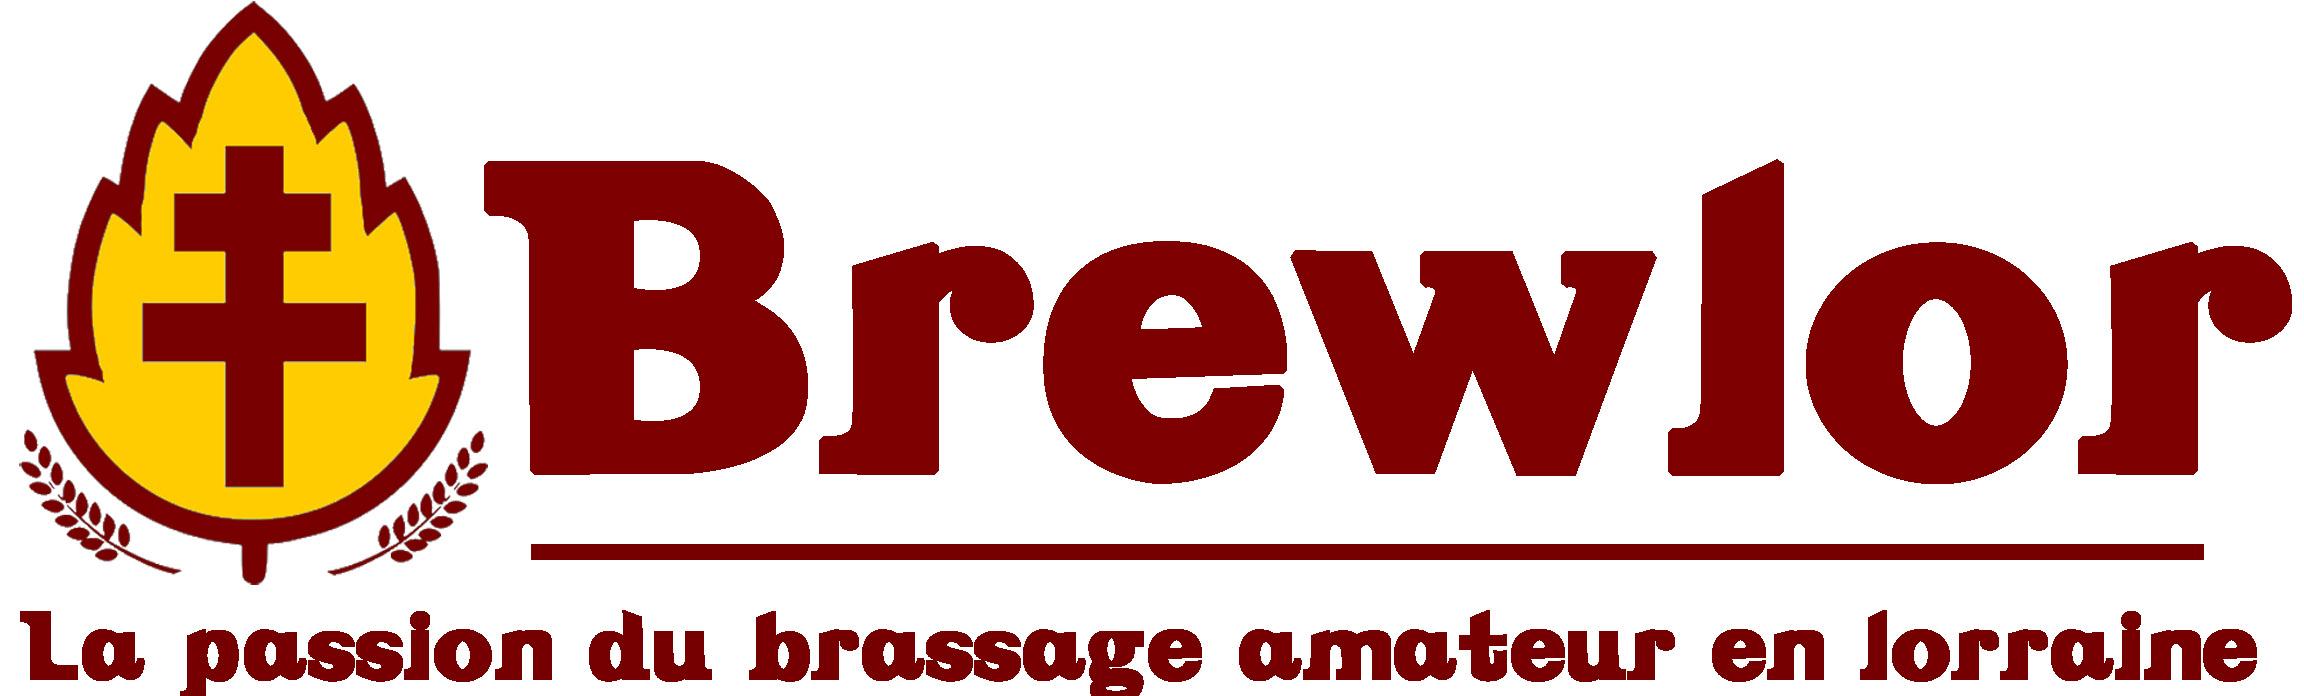 Brewlor